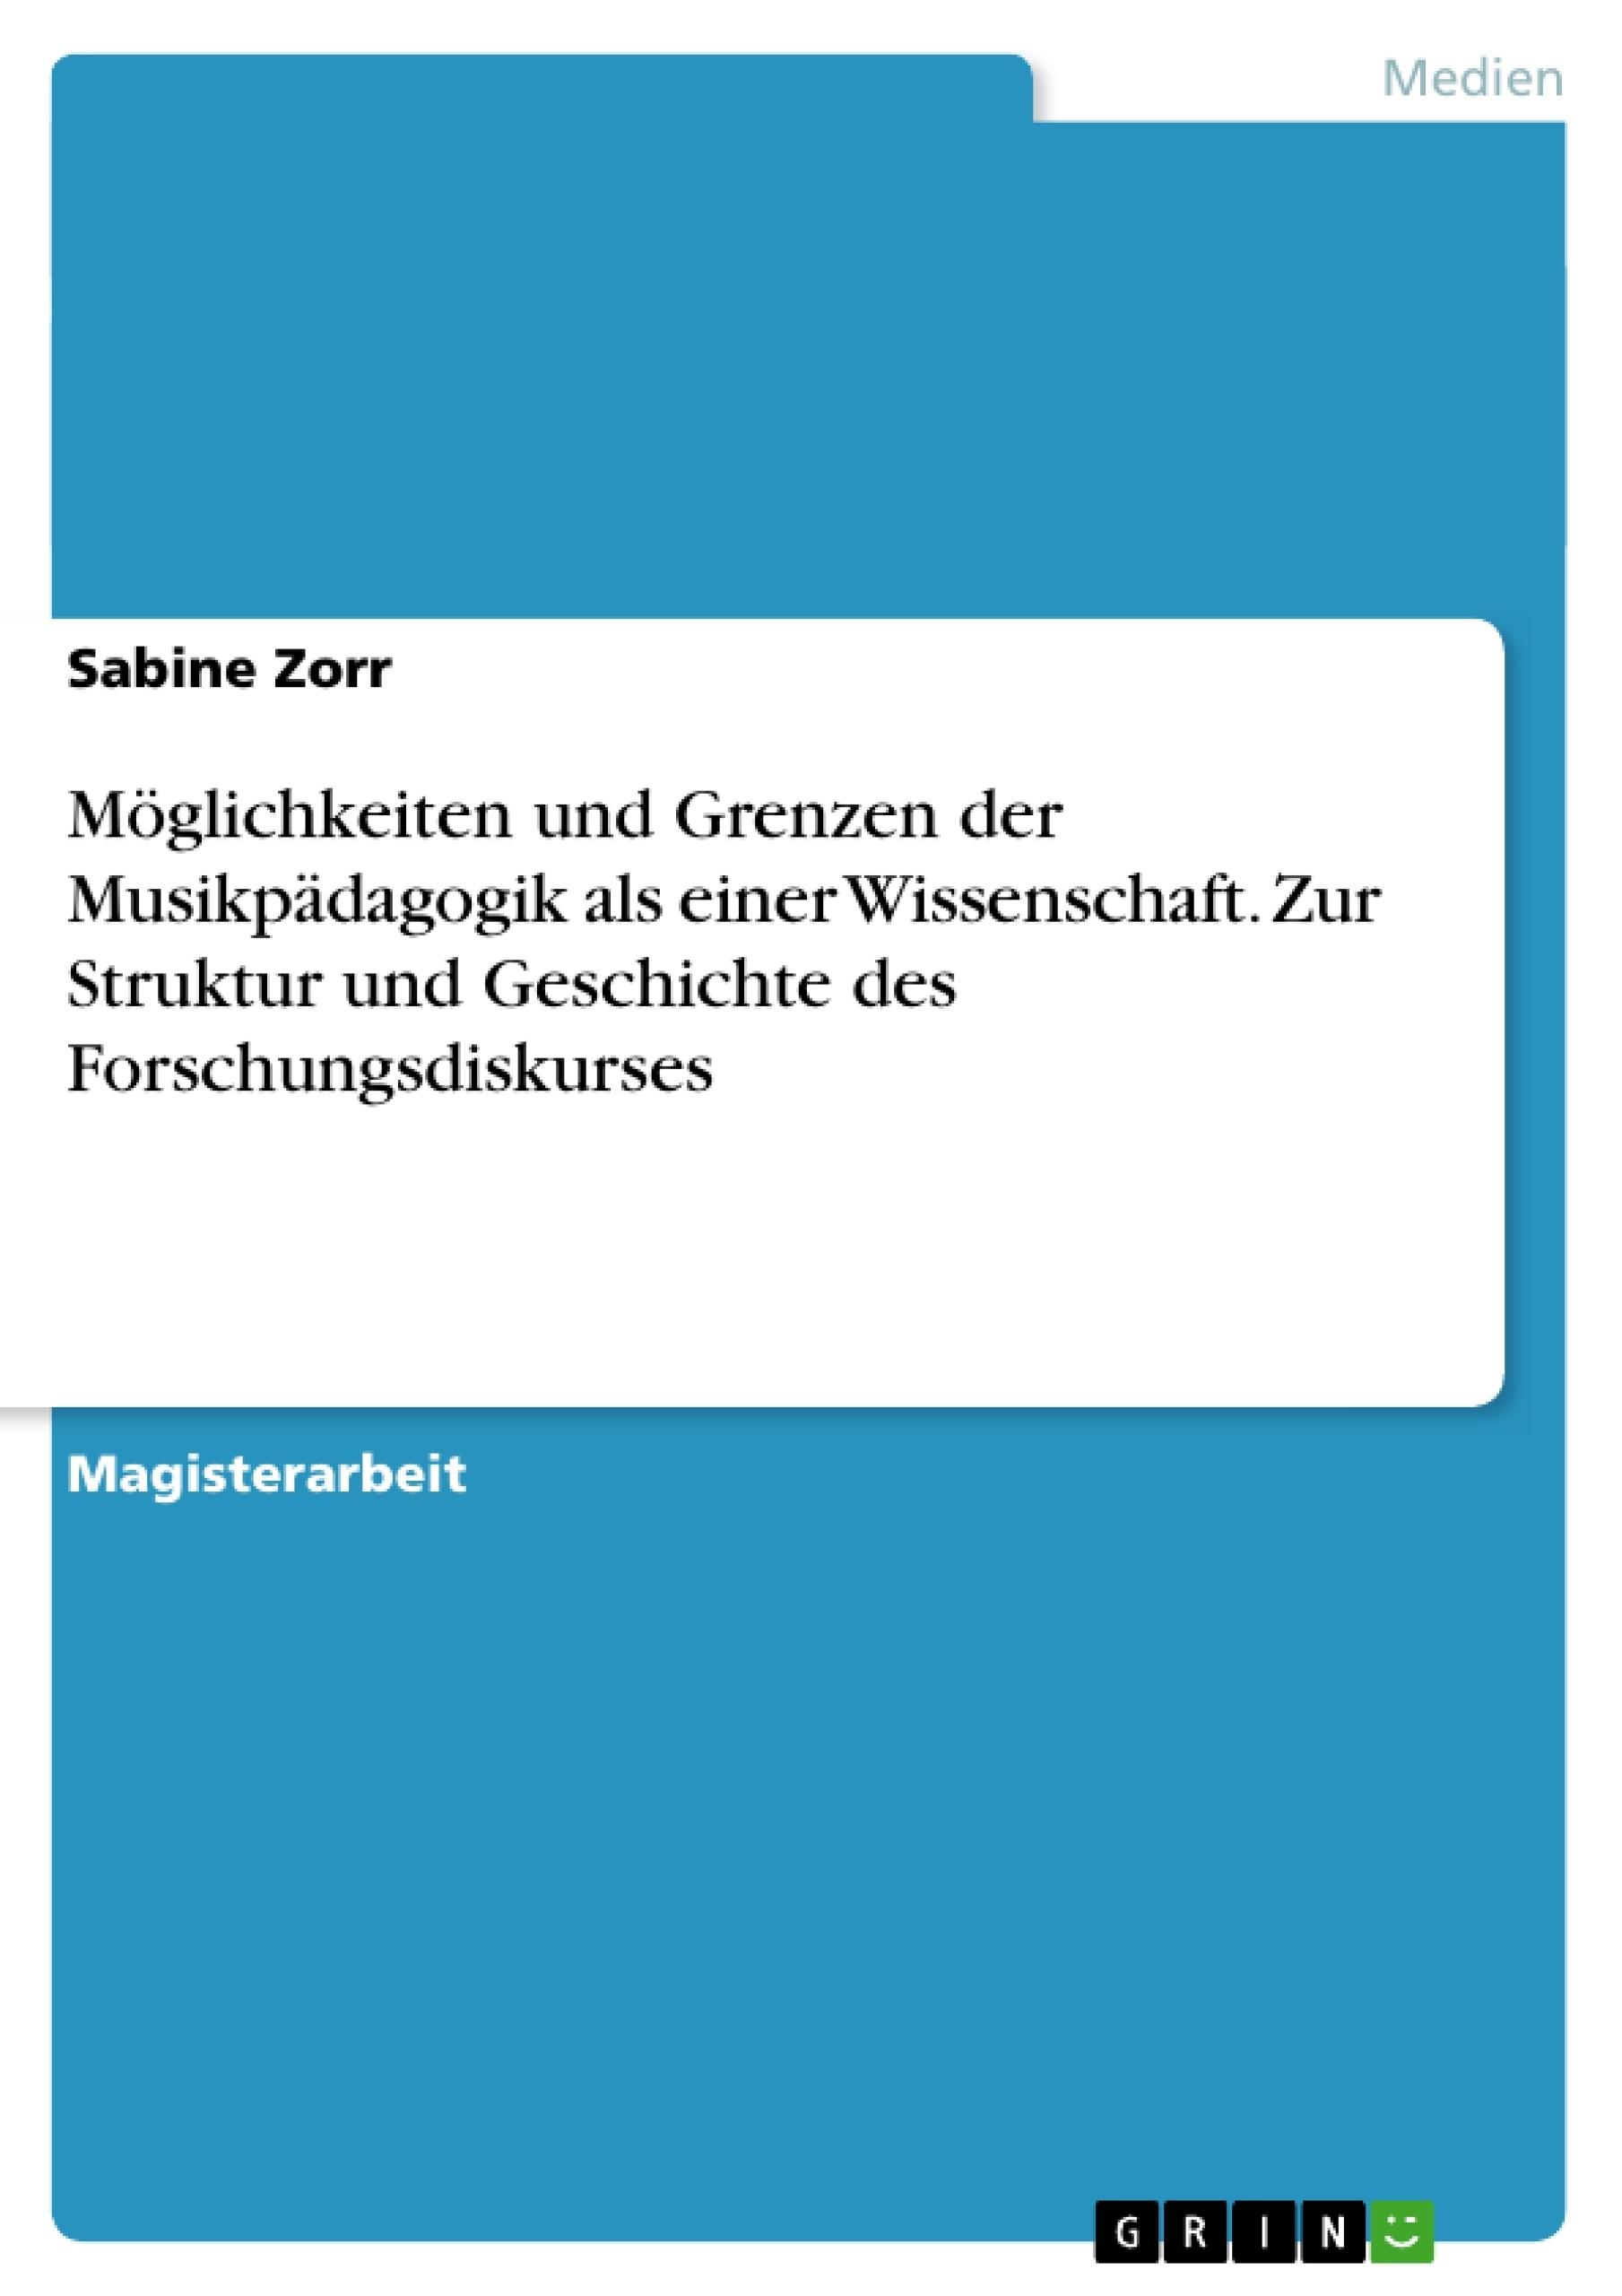 Titel: Möglichkeiten und Grenzen der Musikpädagogik als einer Wissenschaft. Zur Struktur und Geschichte des Forschungsdiskurses